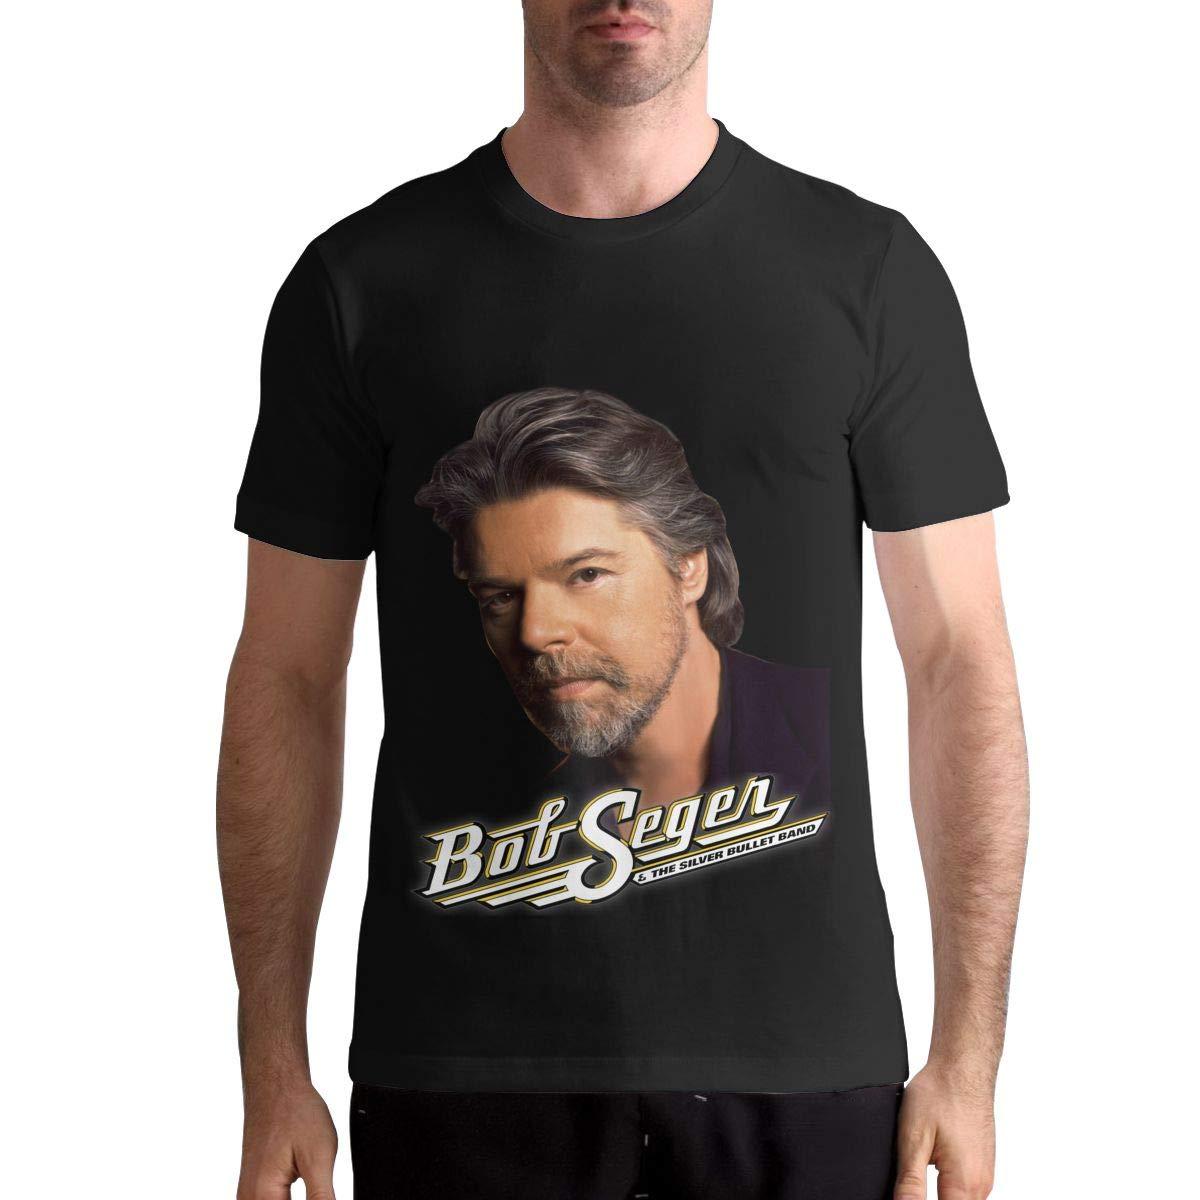 Bob Seger The Final Tour Mans T Shirt S Tshirt 100 Tshirt The Latest 2019